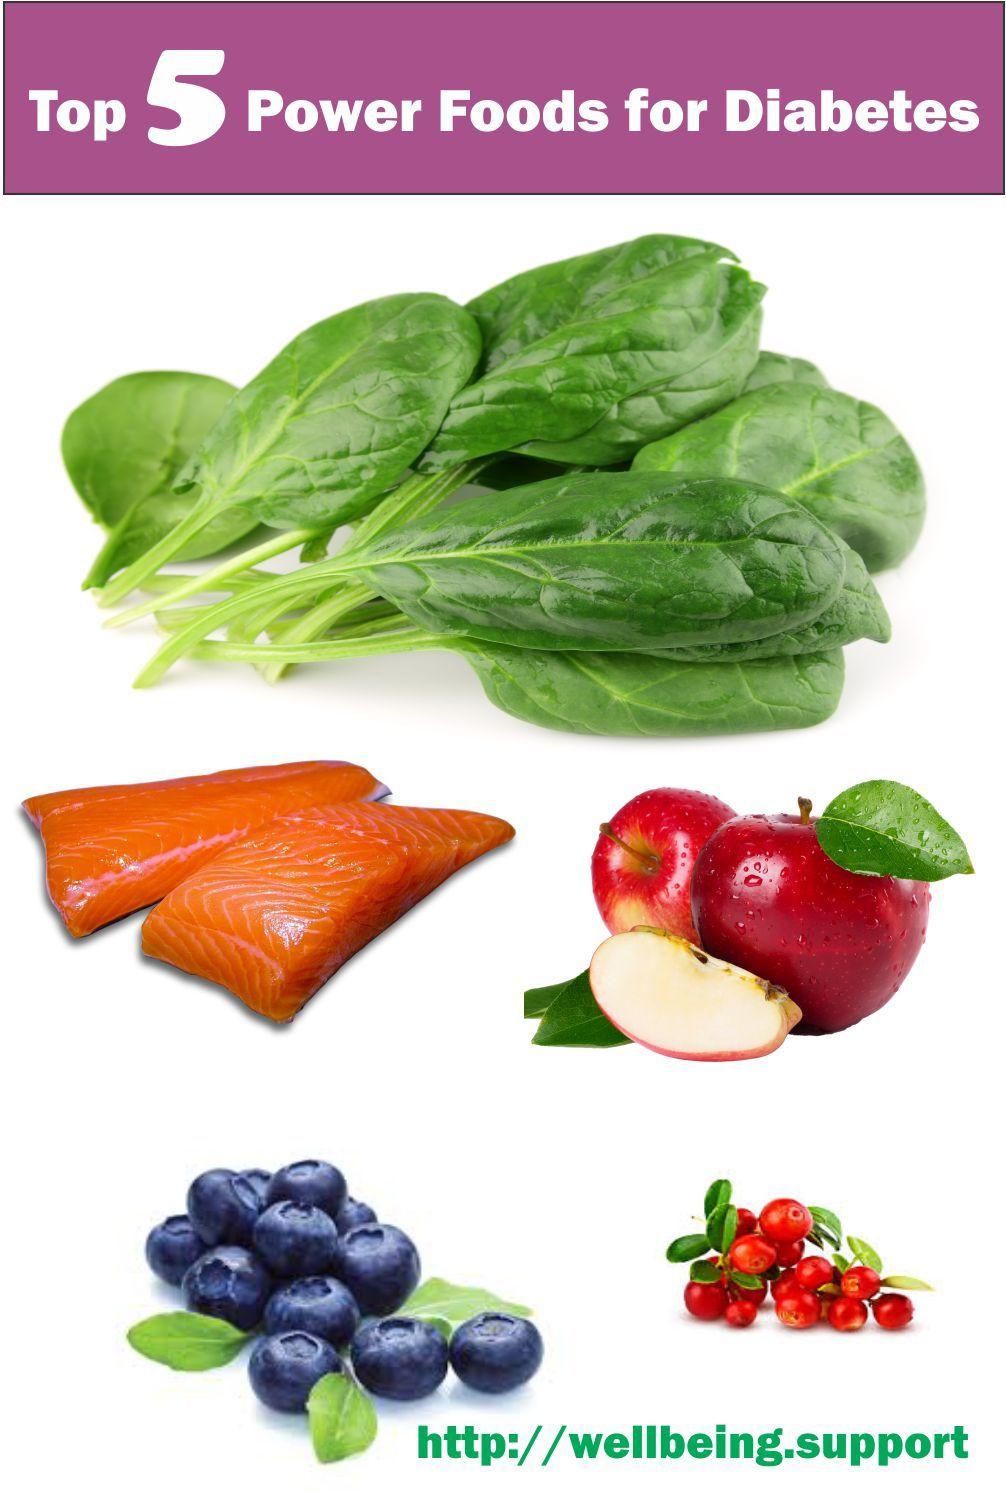 Top 5 Power Foods for Diabetes | Power foods, Food, Food ...